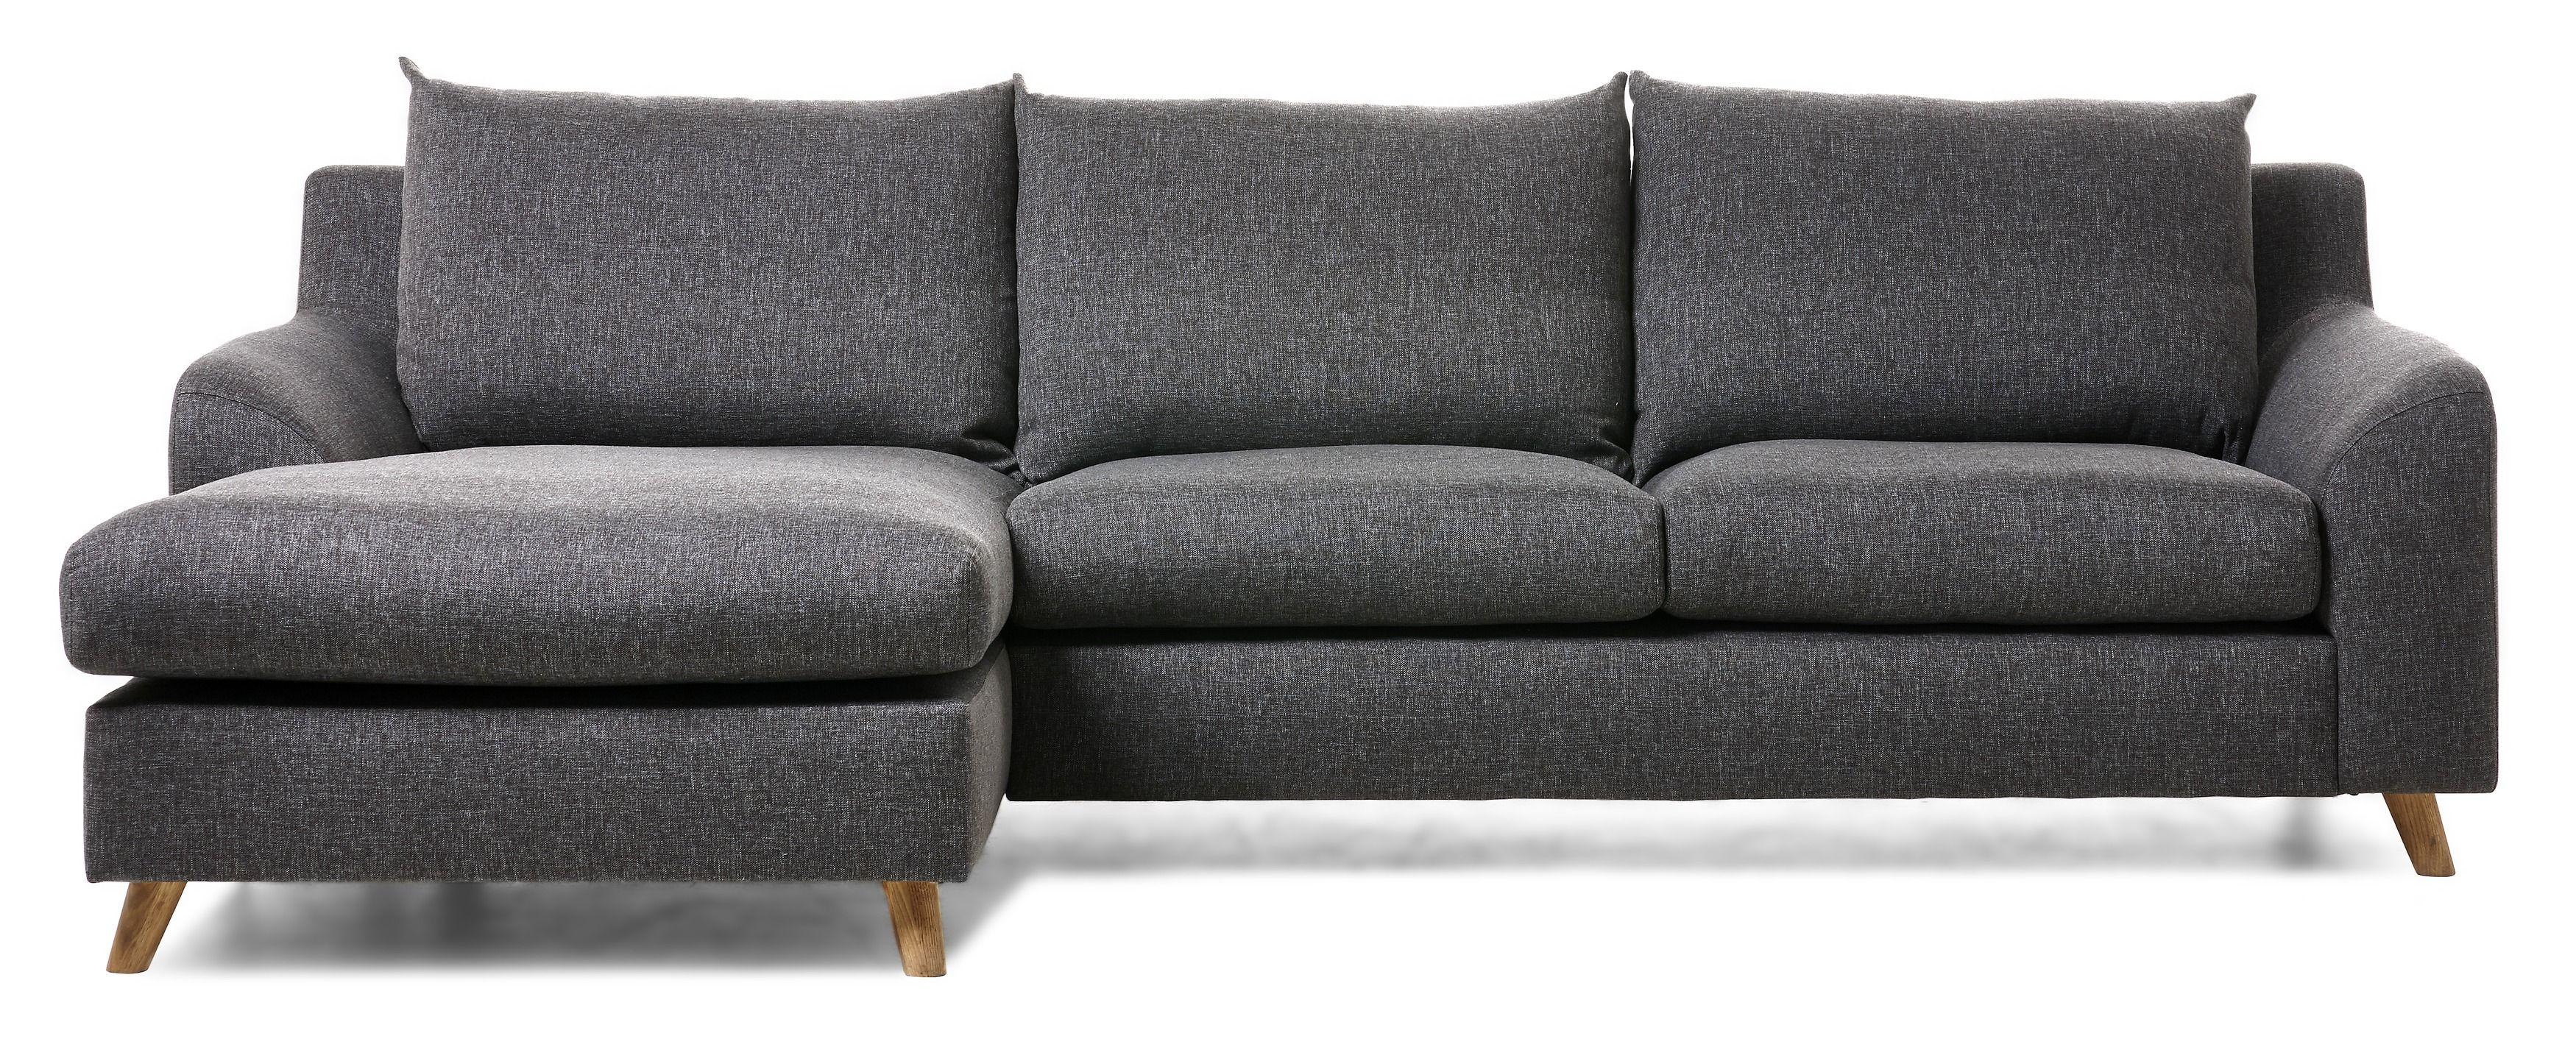 Soffa med ett mjukt formspr¥k har en hög rygg som ger stöd för